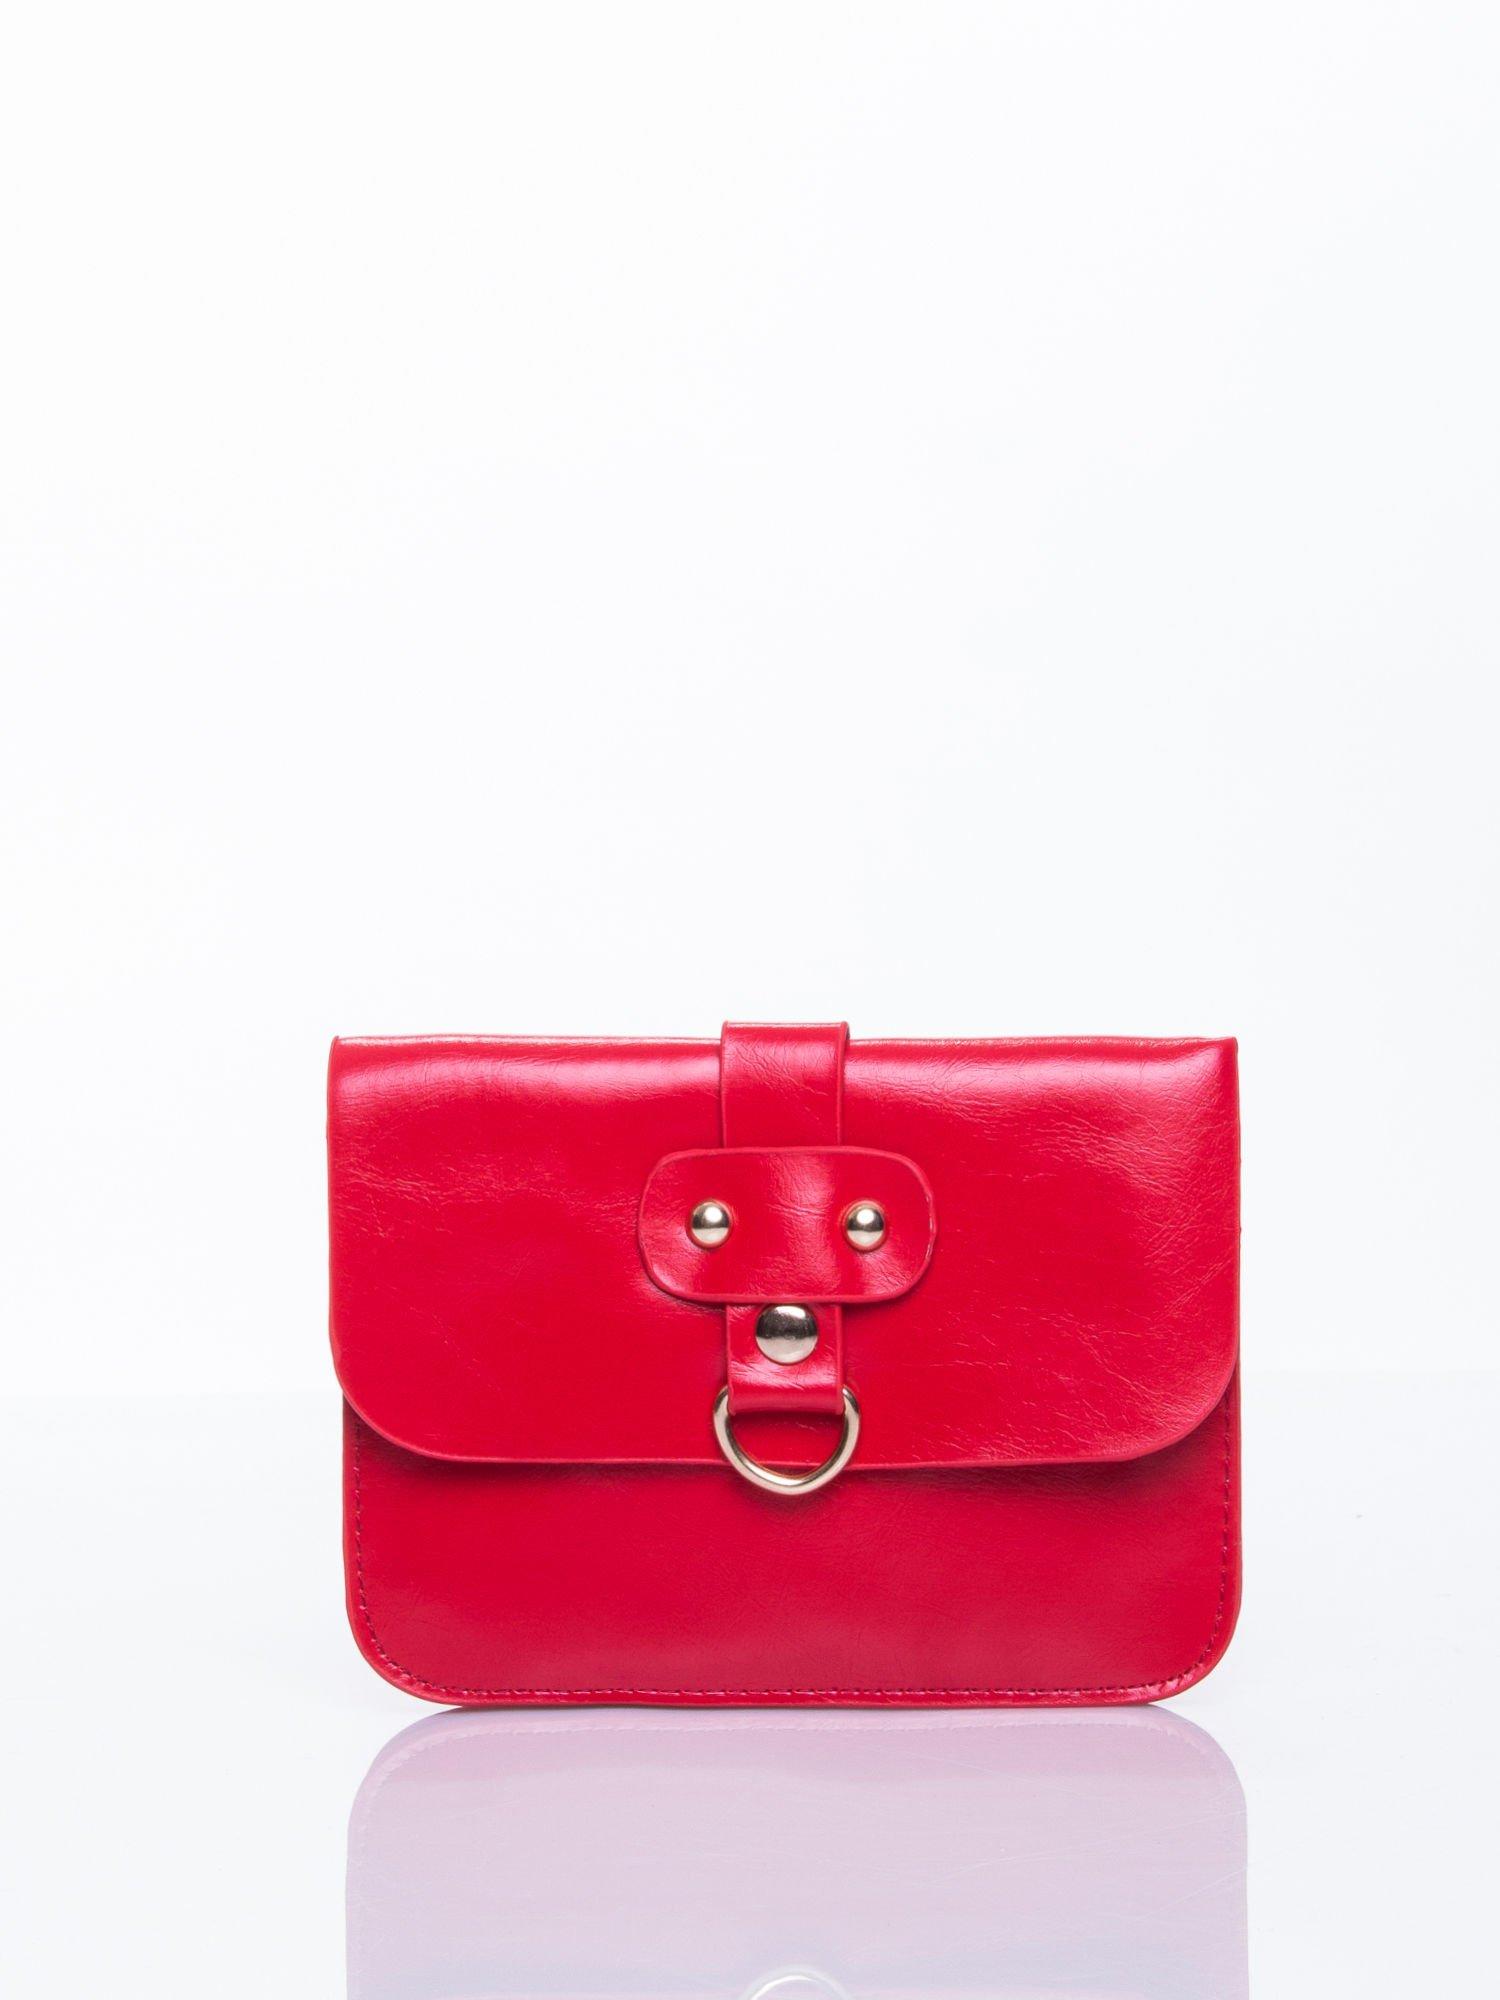 Czerwona torebka listonoszka z klapką                                  zdj.                                  1